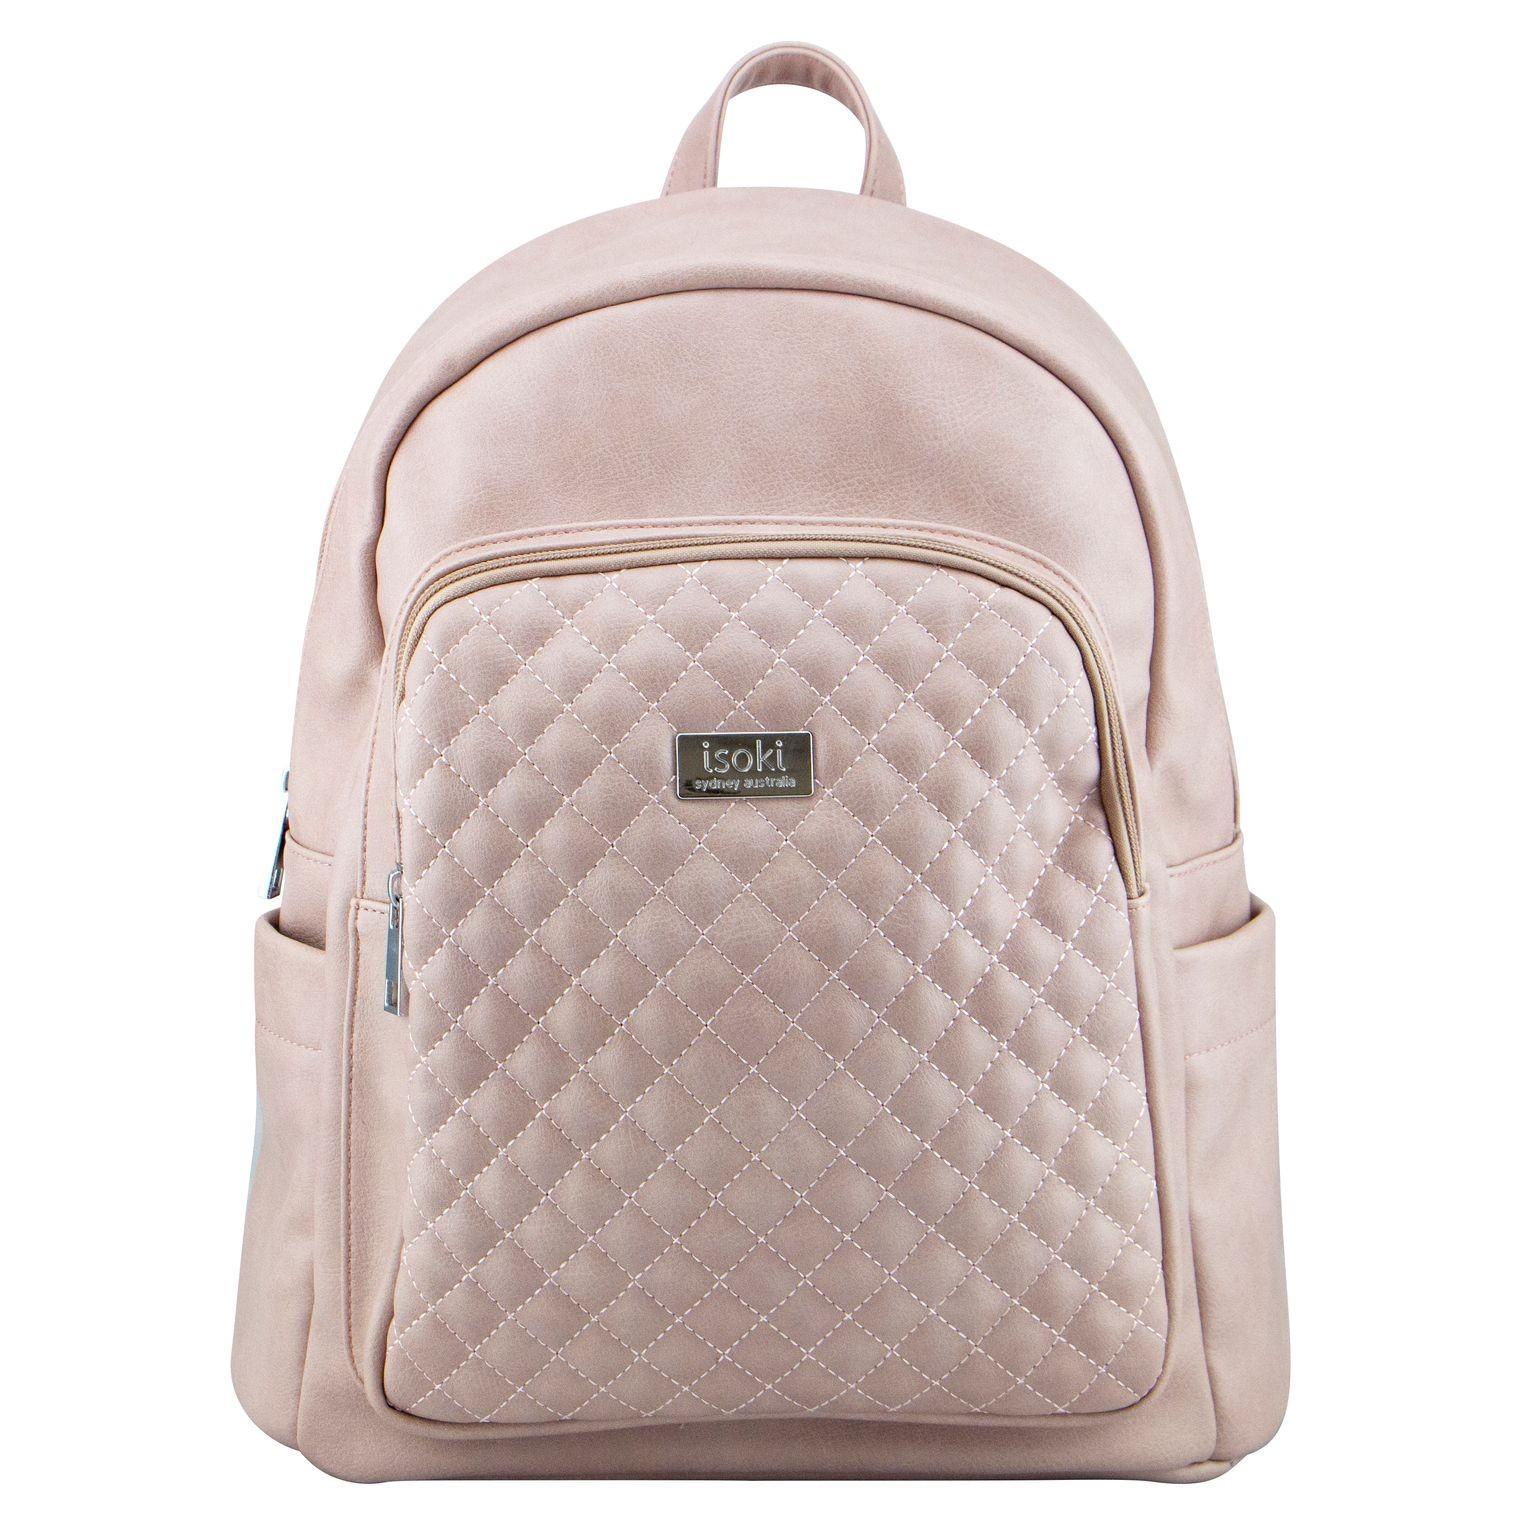 Isoki - Marlo Backpack Mushroom